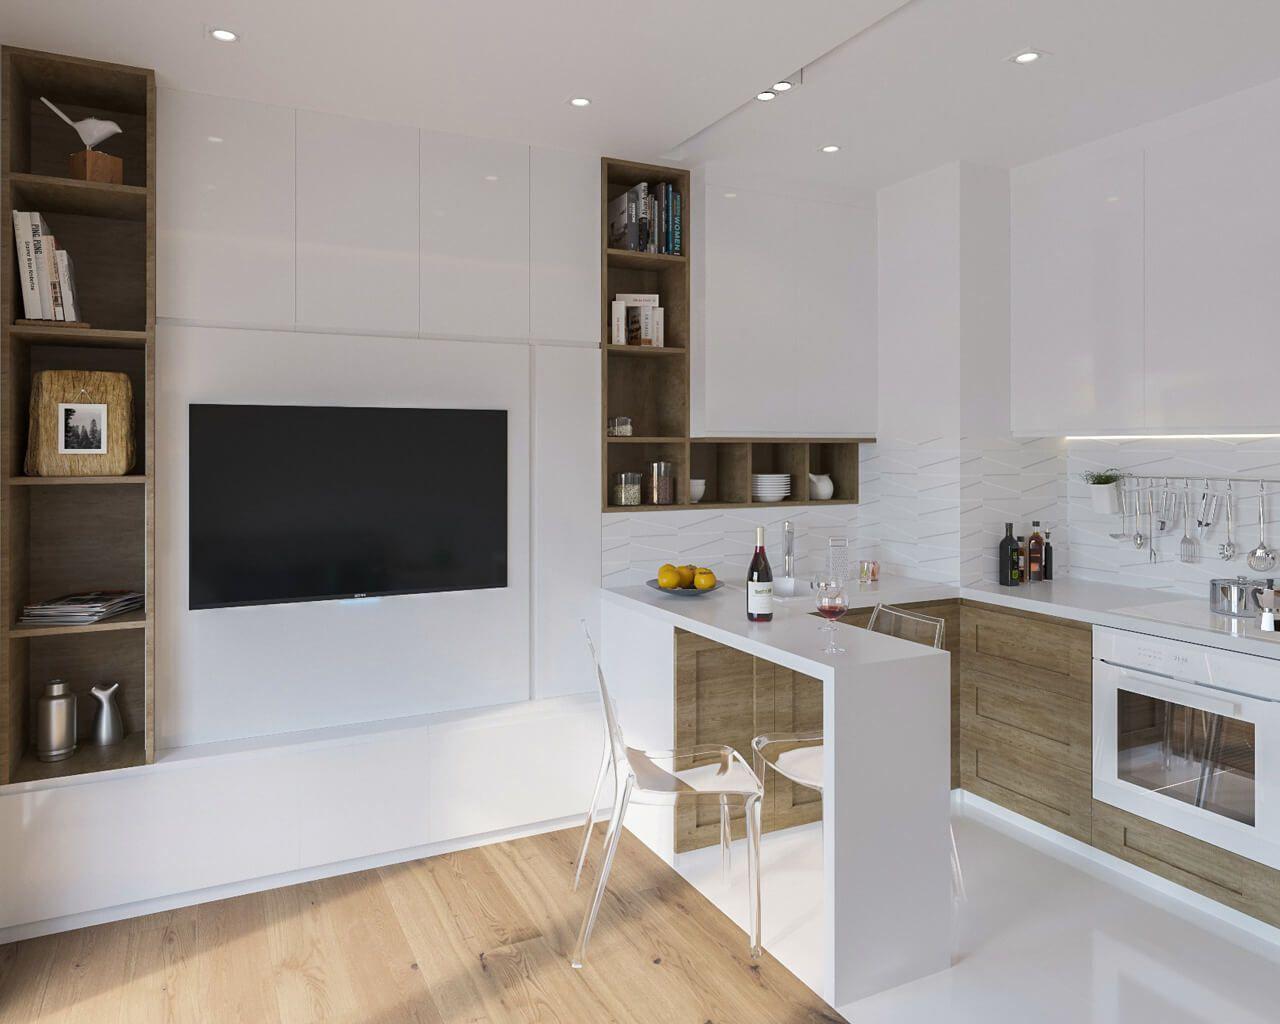 Połączona Przestrzeń Salonu I Kuchni W Kawalerce Ceramika